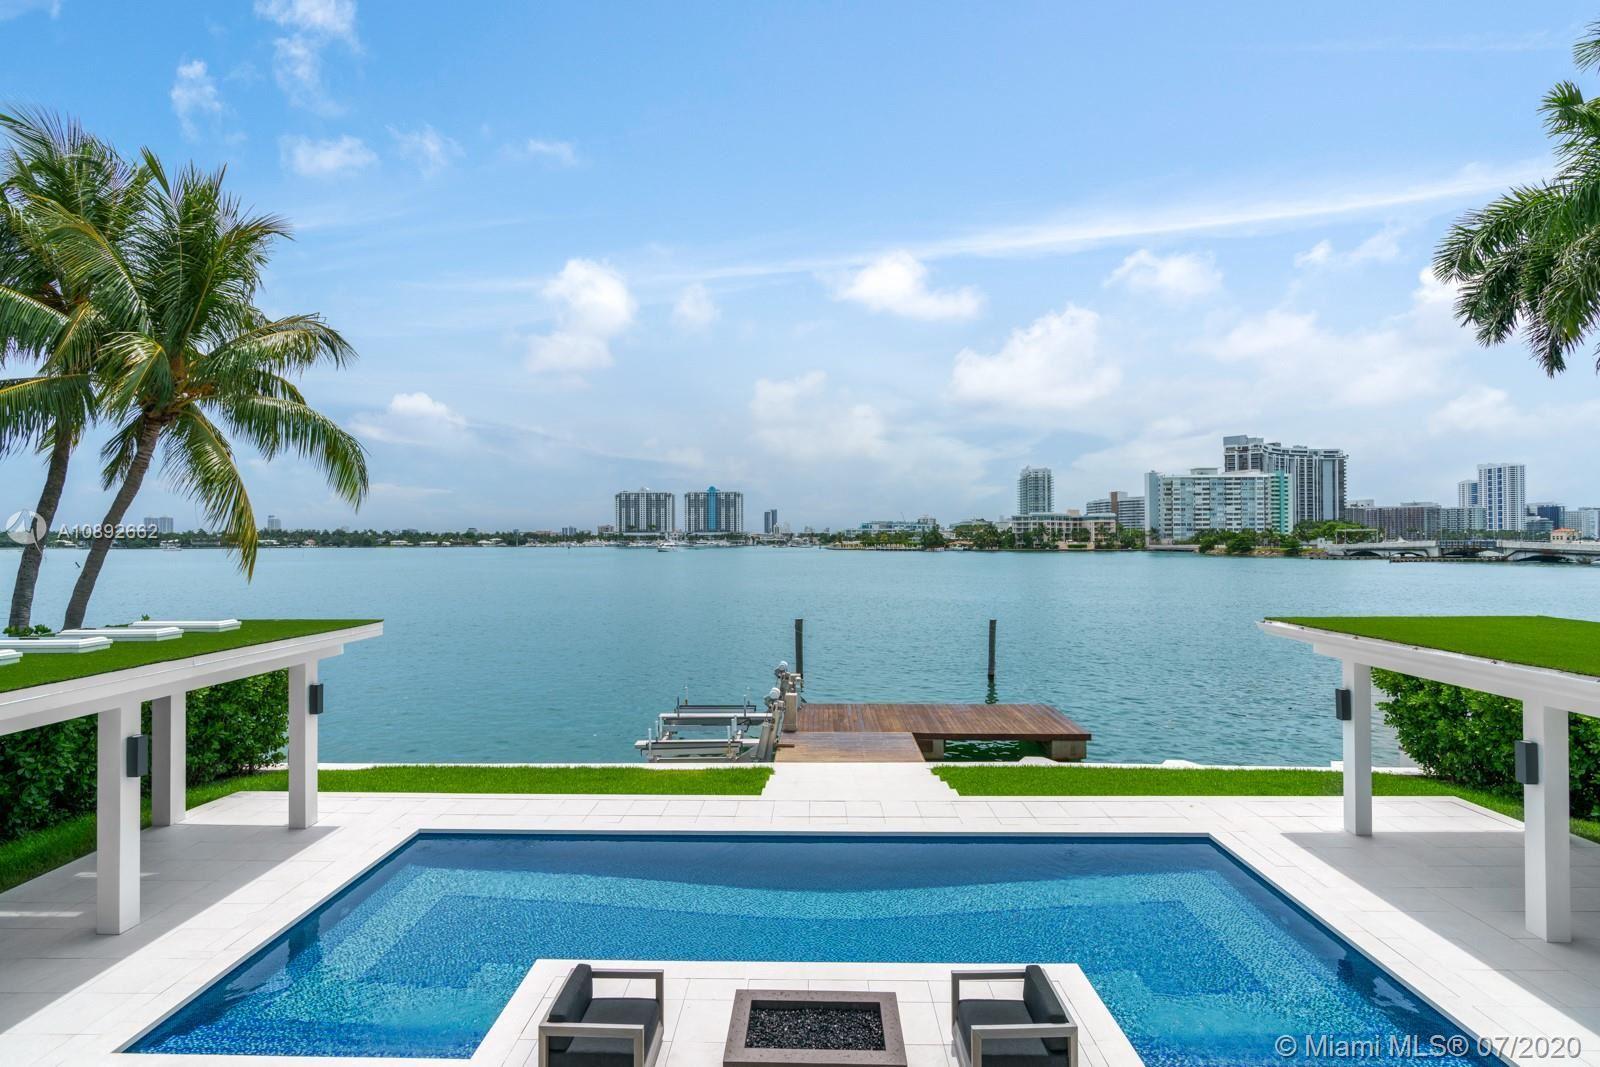 Photo 3 of Listing MLS a10892662 in 327 E Rivo Alto Dr Miami Beach FL 33139